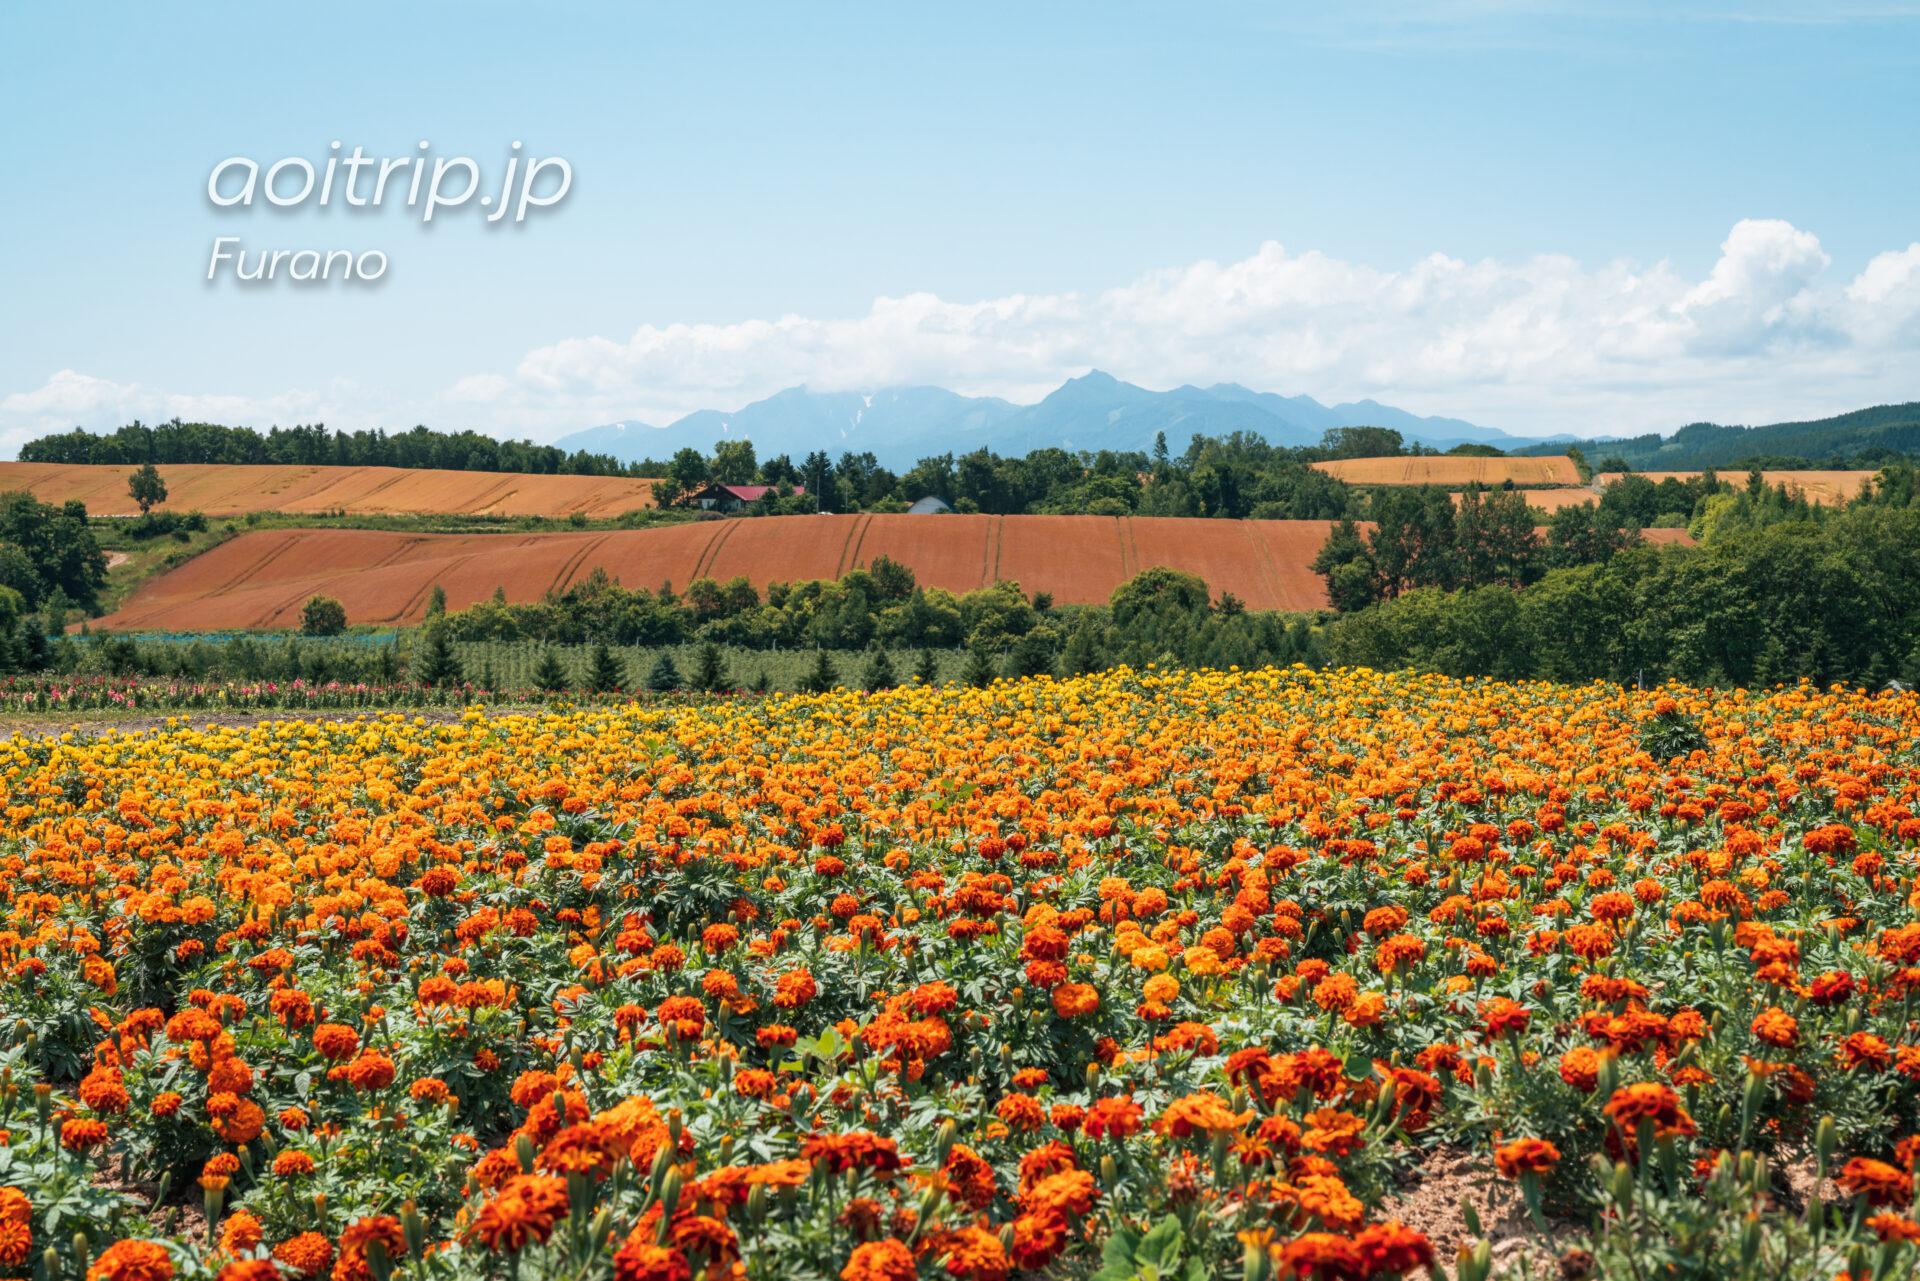 フラワーランドかみふらの Flowerland Kamifurano